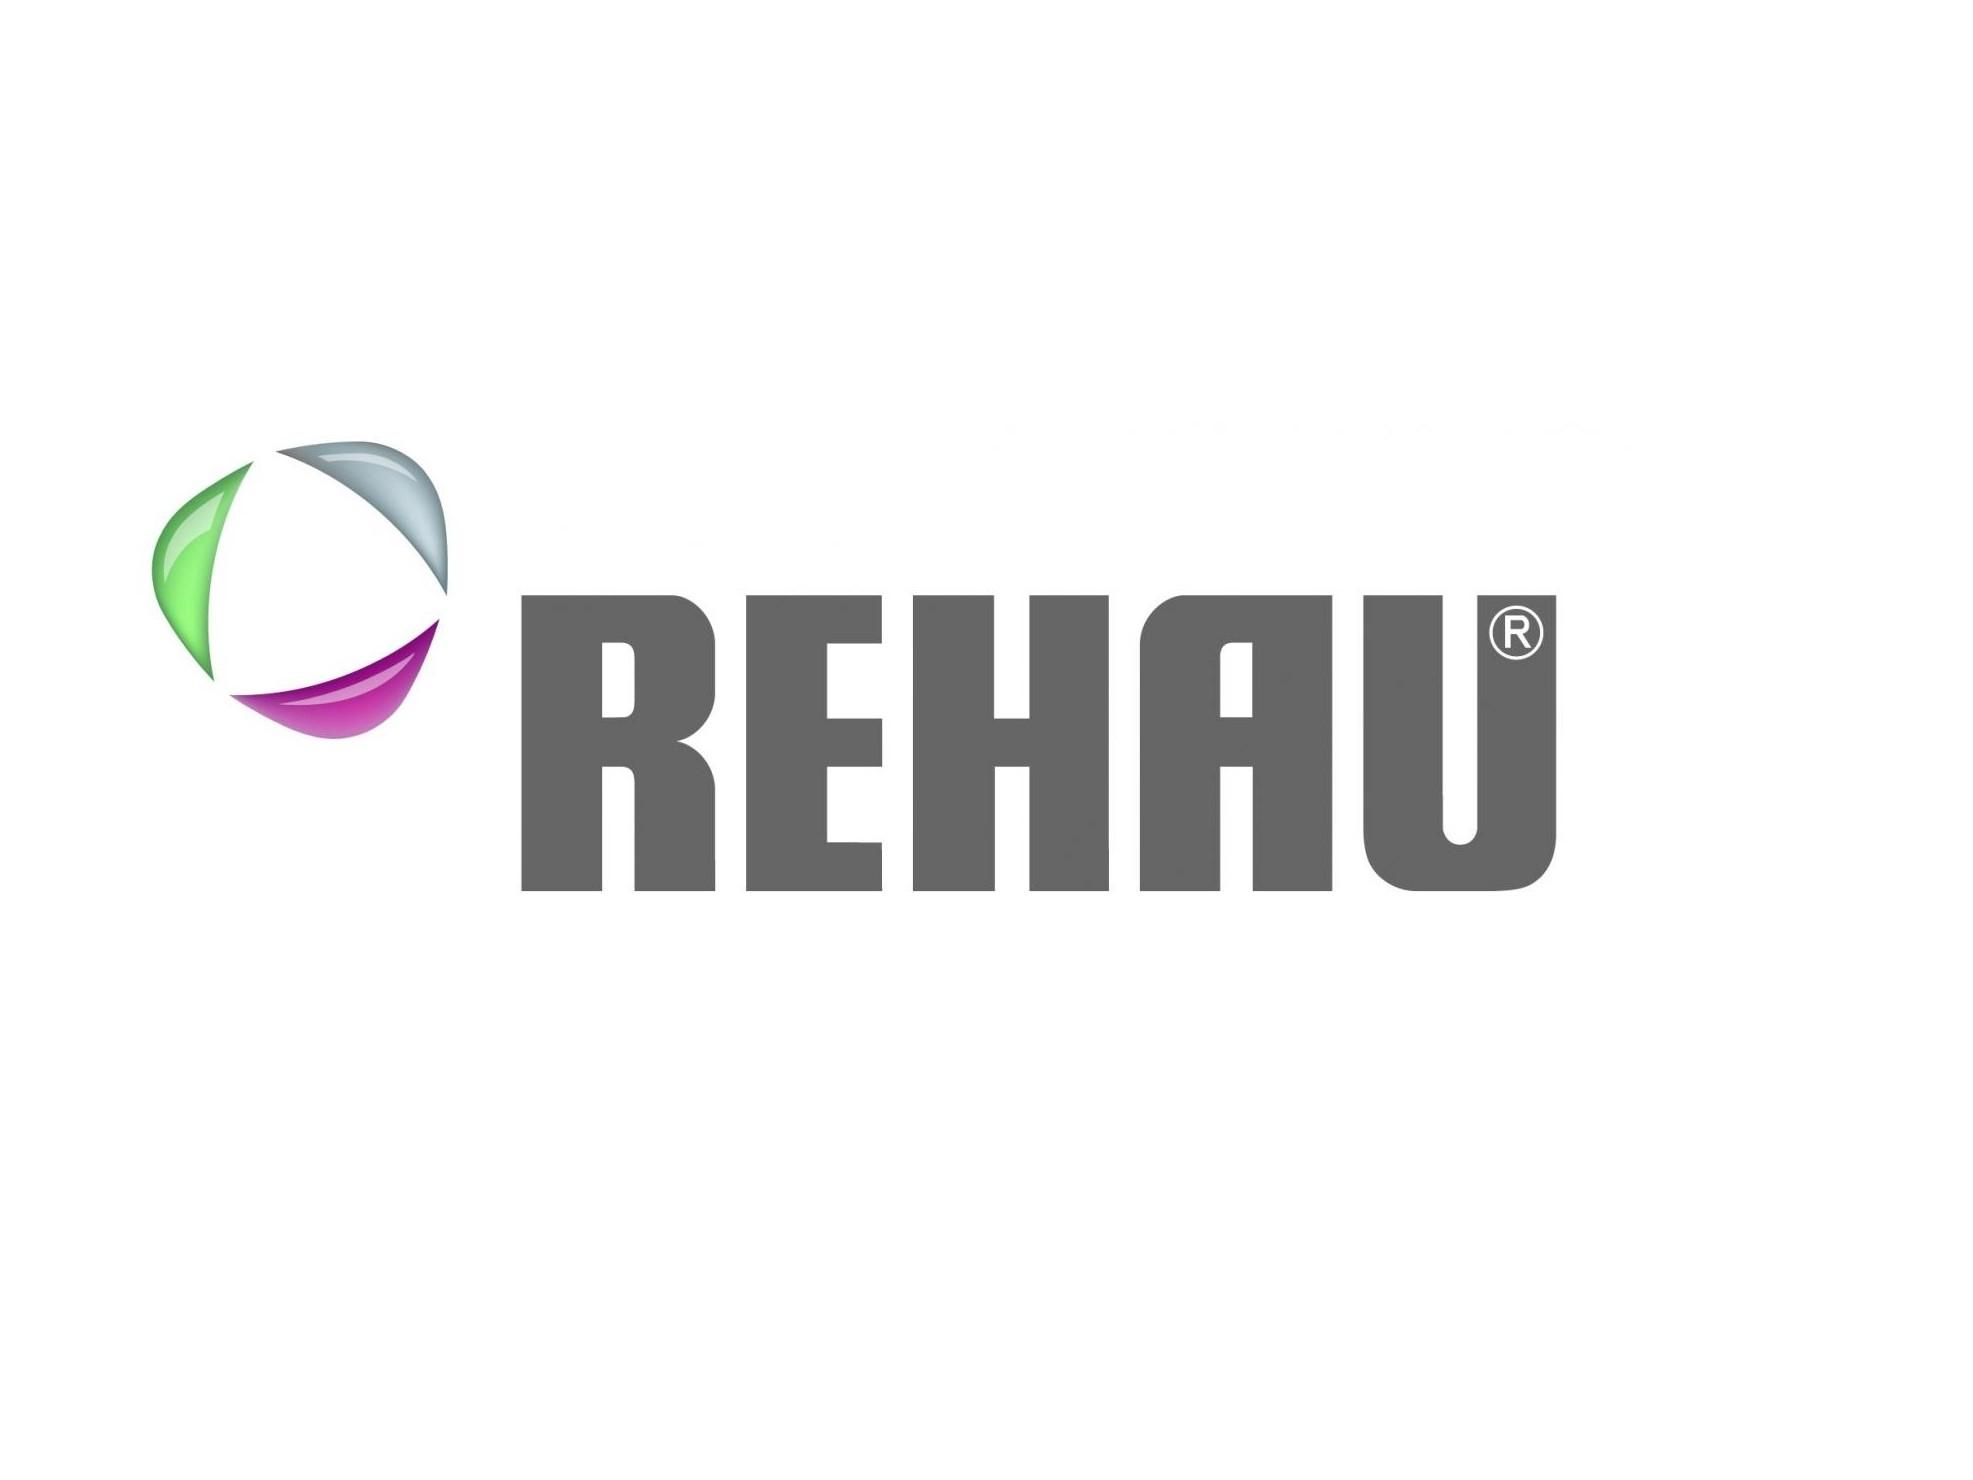 REHAU | Colwyn Foulkes